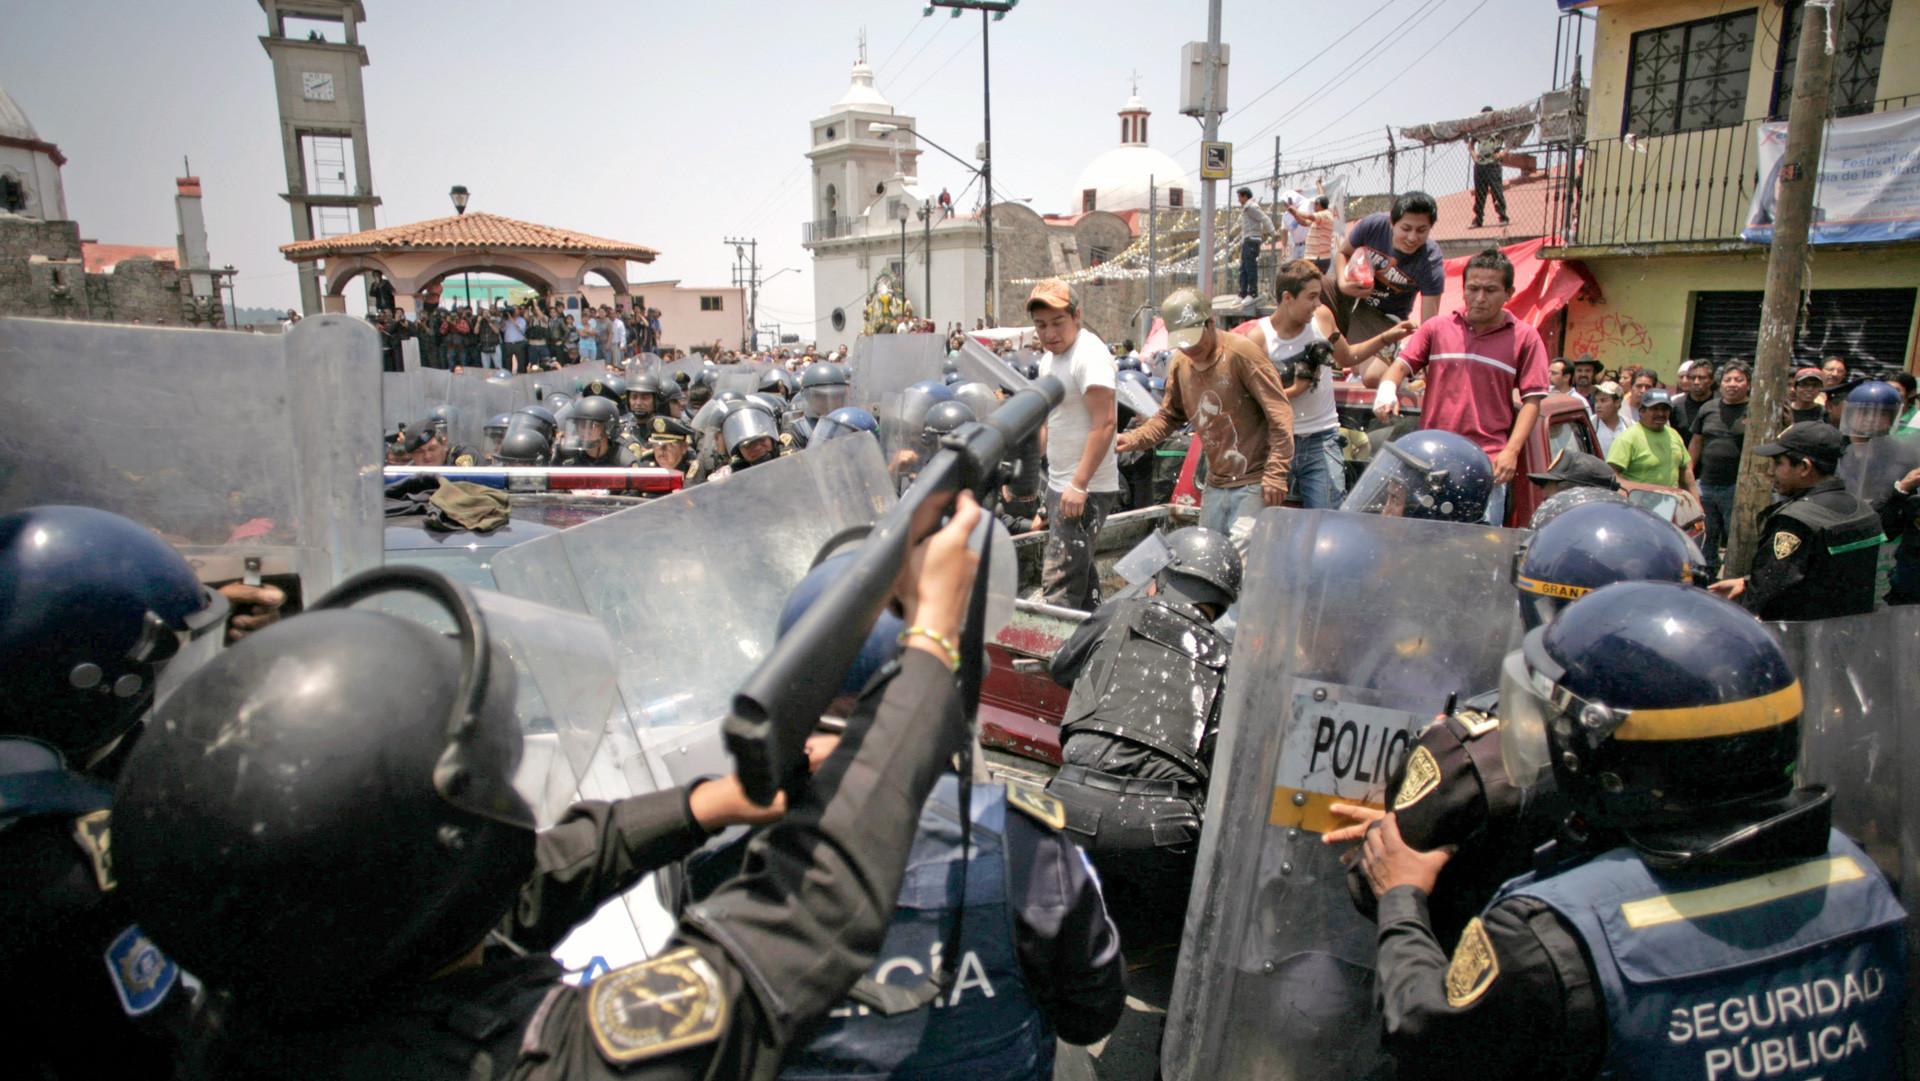 Quemar o golpear hasta la muerte, ¿qué hay detrás de los linchamientos en México?